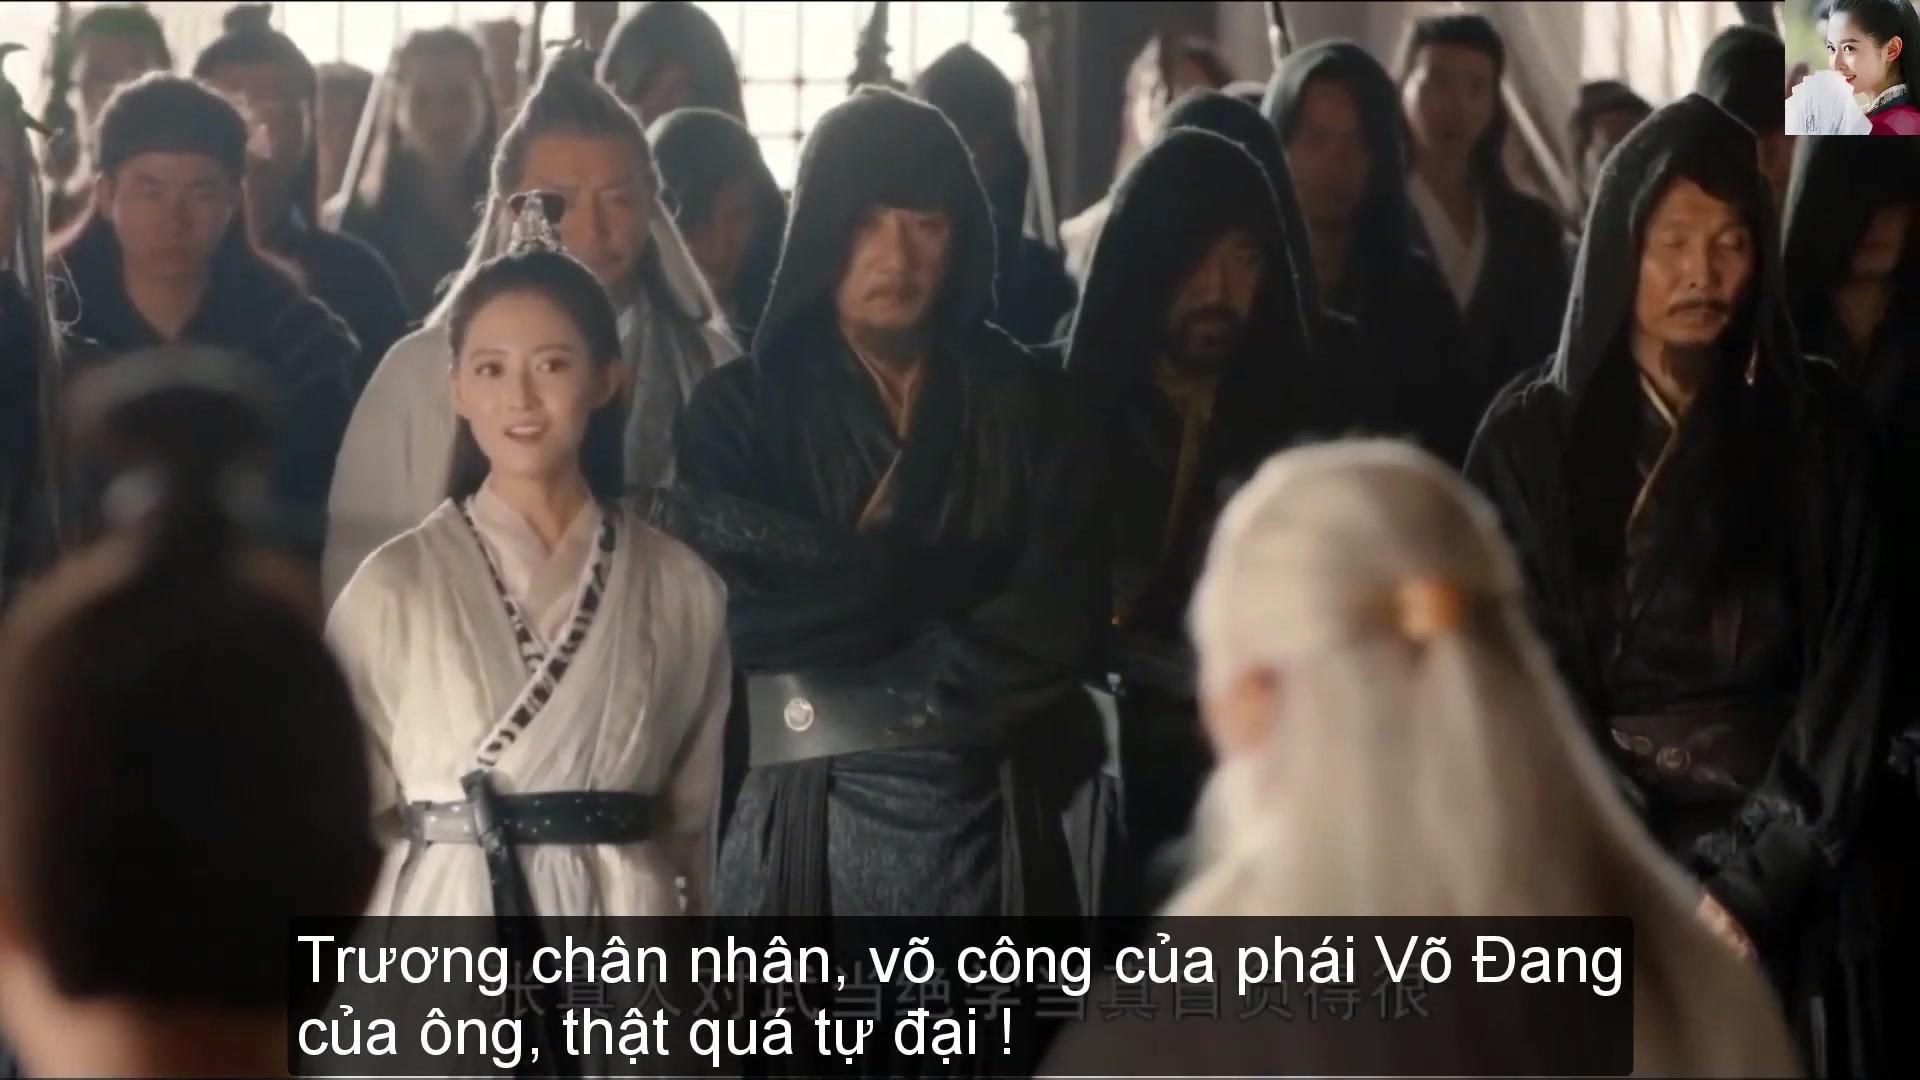 Ơn giời đoạn hay nhất Tân Ỷ Thiên Đồ Long Ký đây rồi, Trương Vô Kỵ sắp học được tuyệt đỉnh công phu phái Võ Đang, bá chủ võ lâm - Ảnh 6.